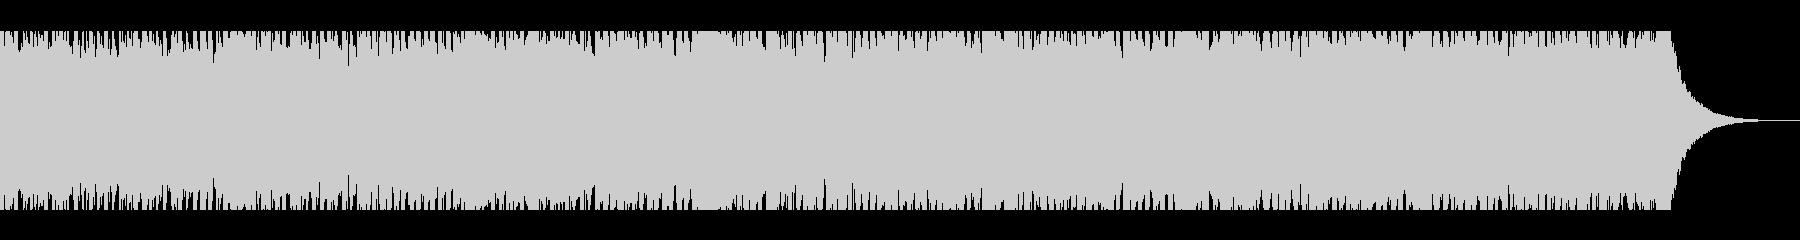 ポジティブな動機(60秒)の未再生の波形